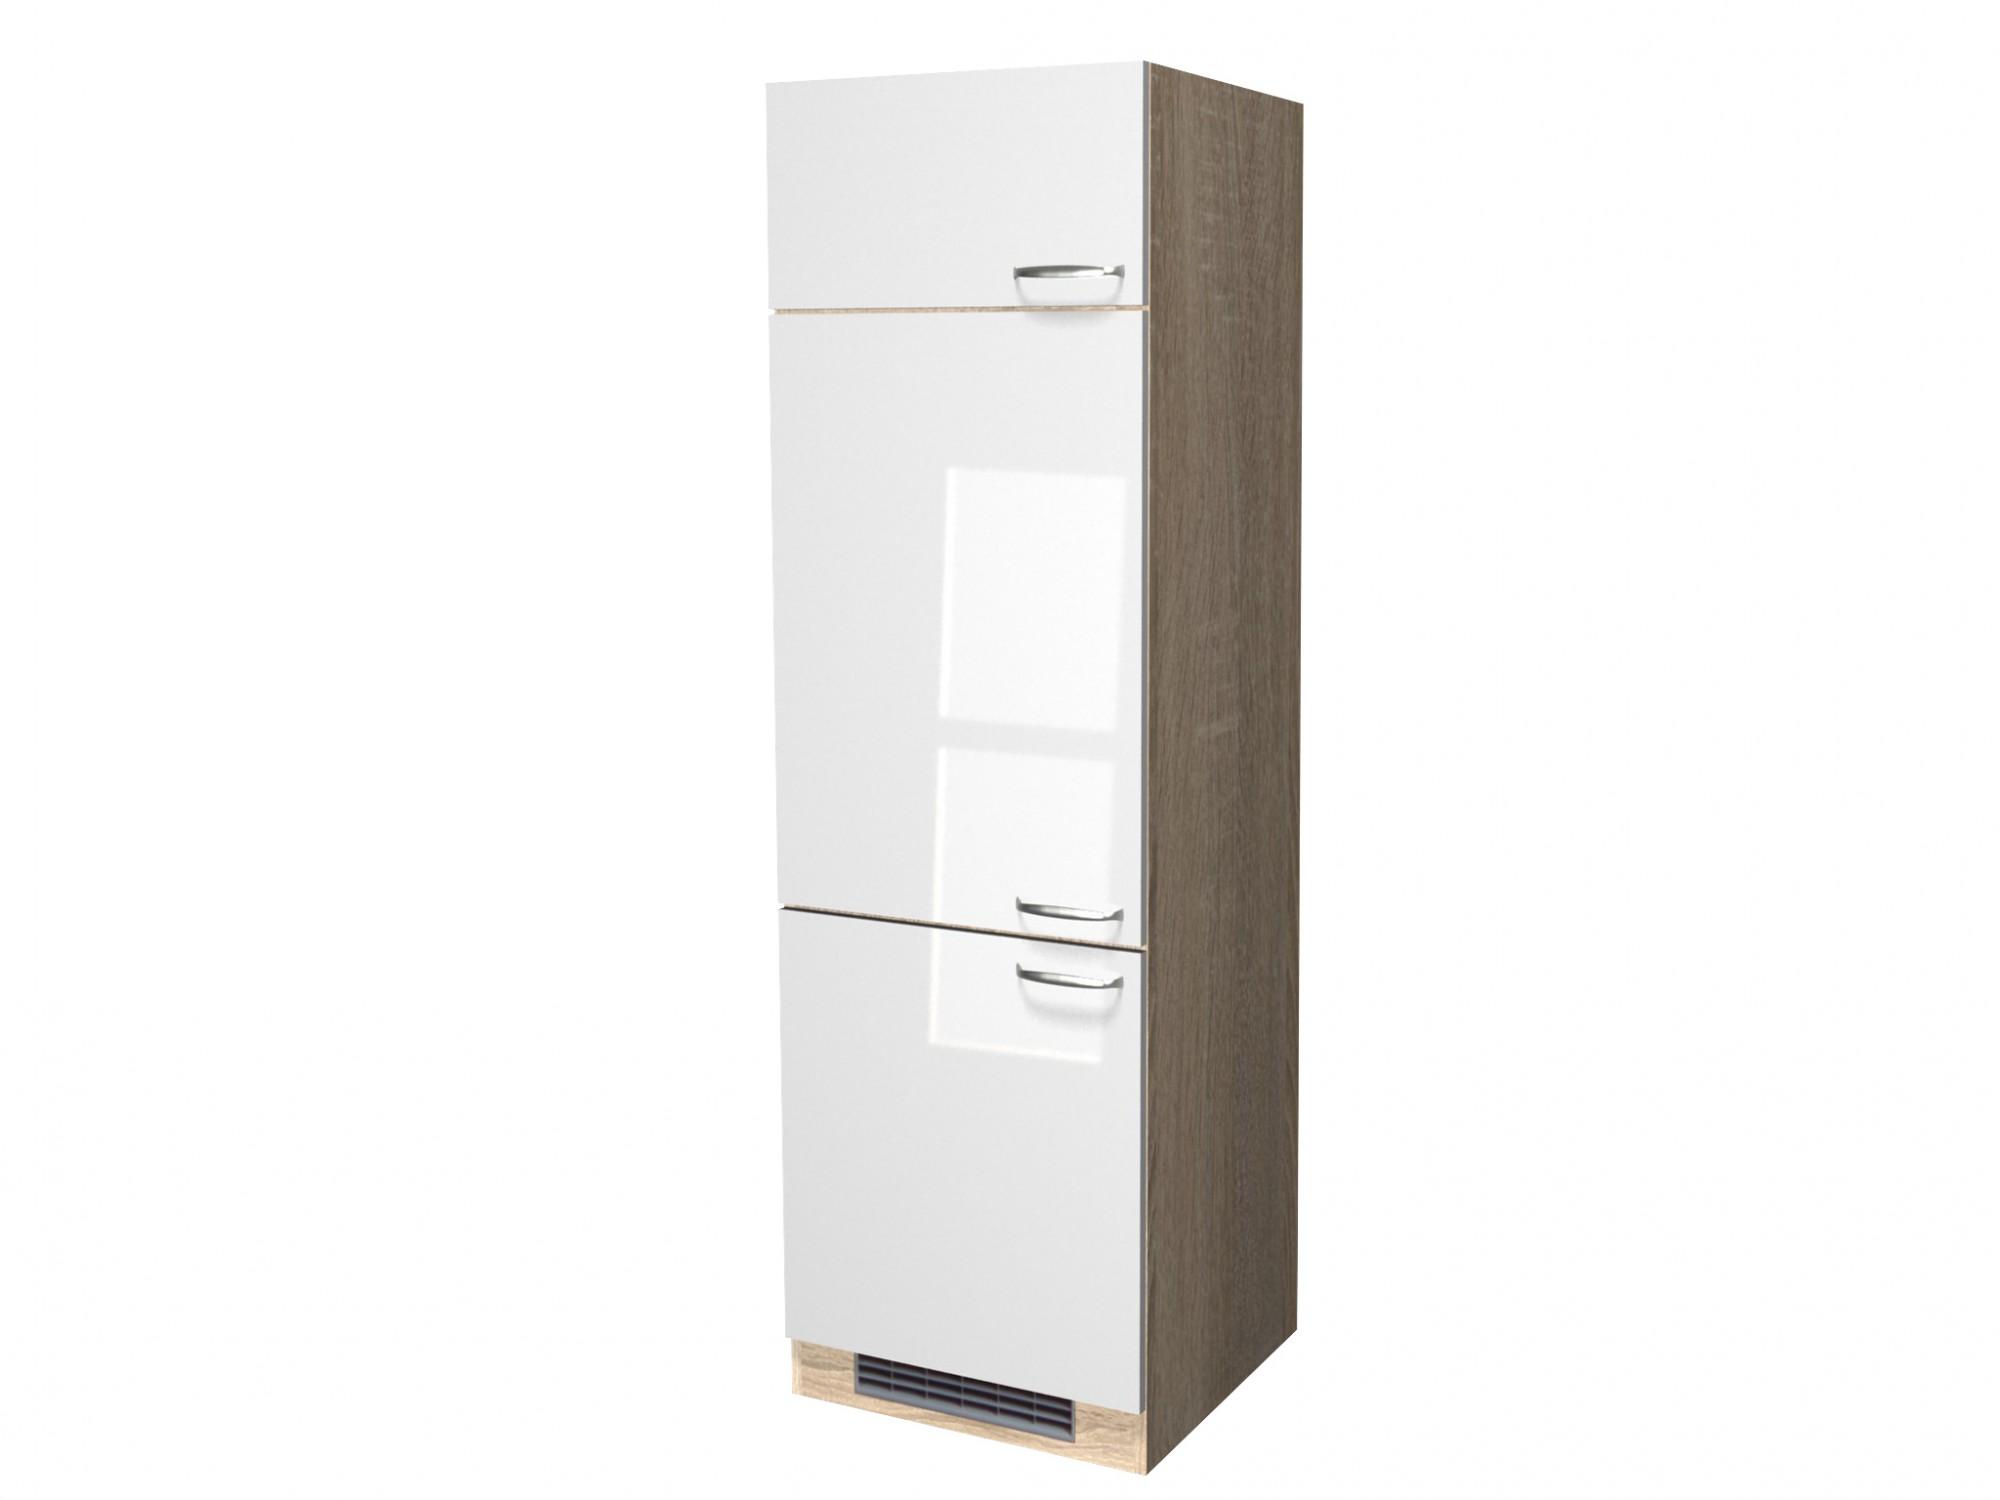 Amerikanischer Kühlschrank Tiefe 60 Cm : Tiefe kühlschrank breite margaret salisbury